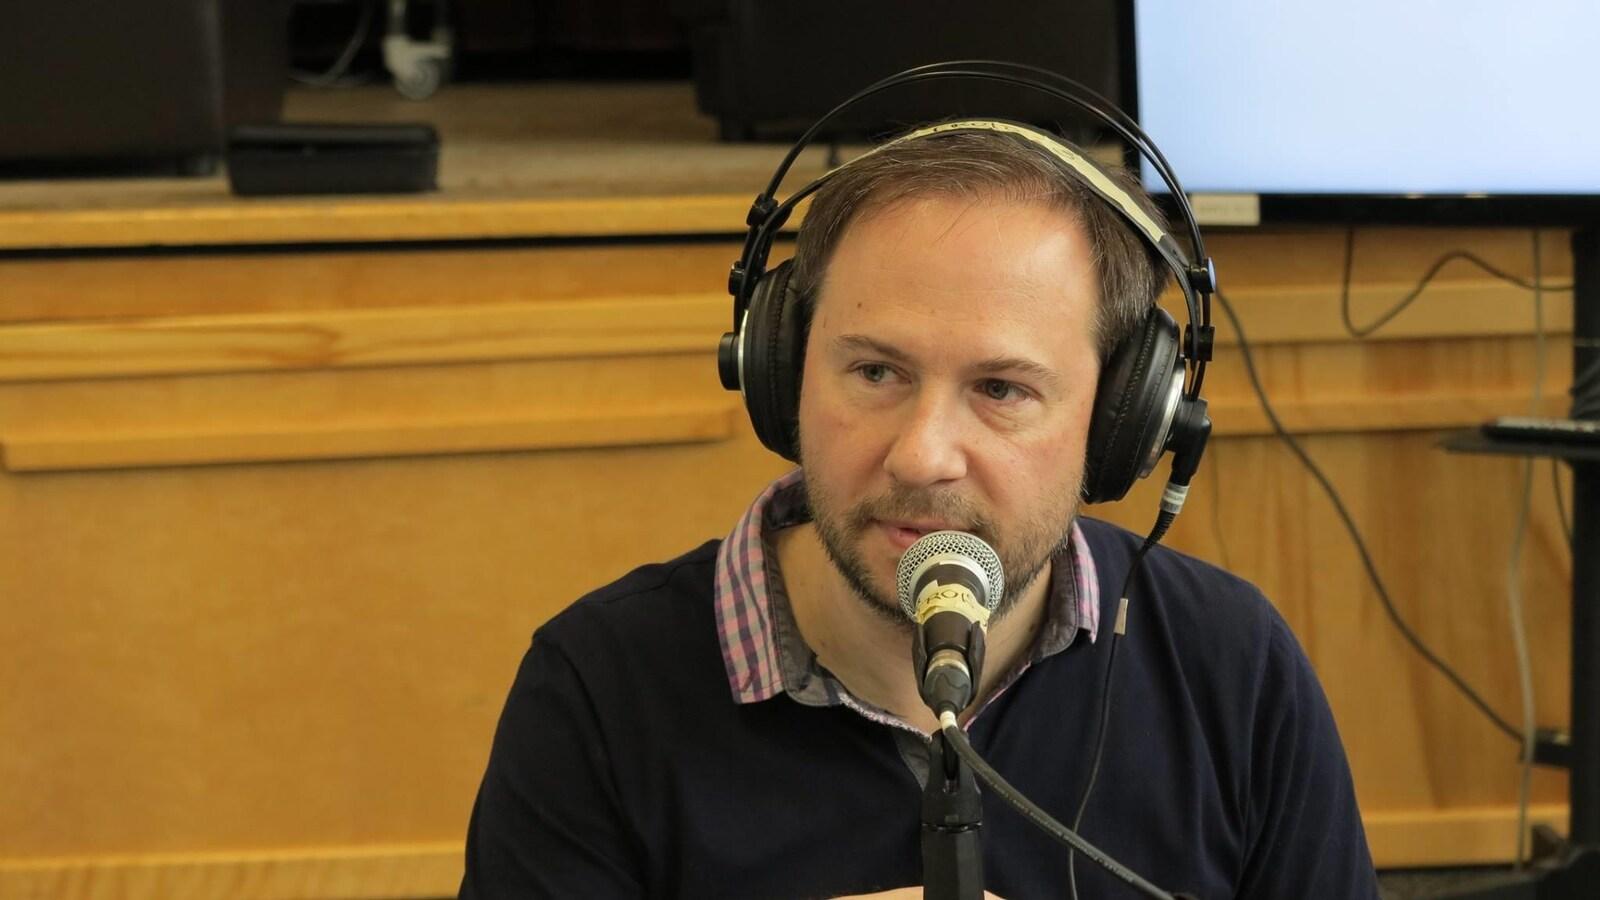 Éric dans un studio de radio avec des écouteurs sur les oreilles.